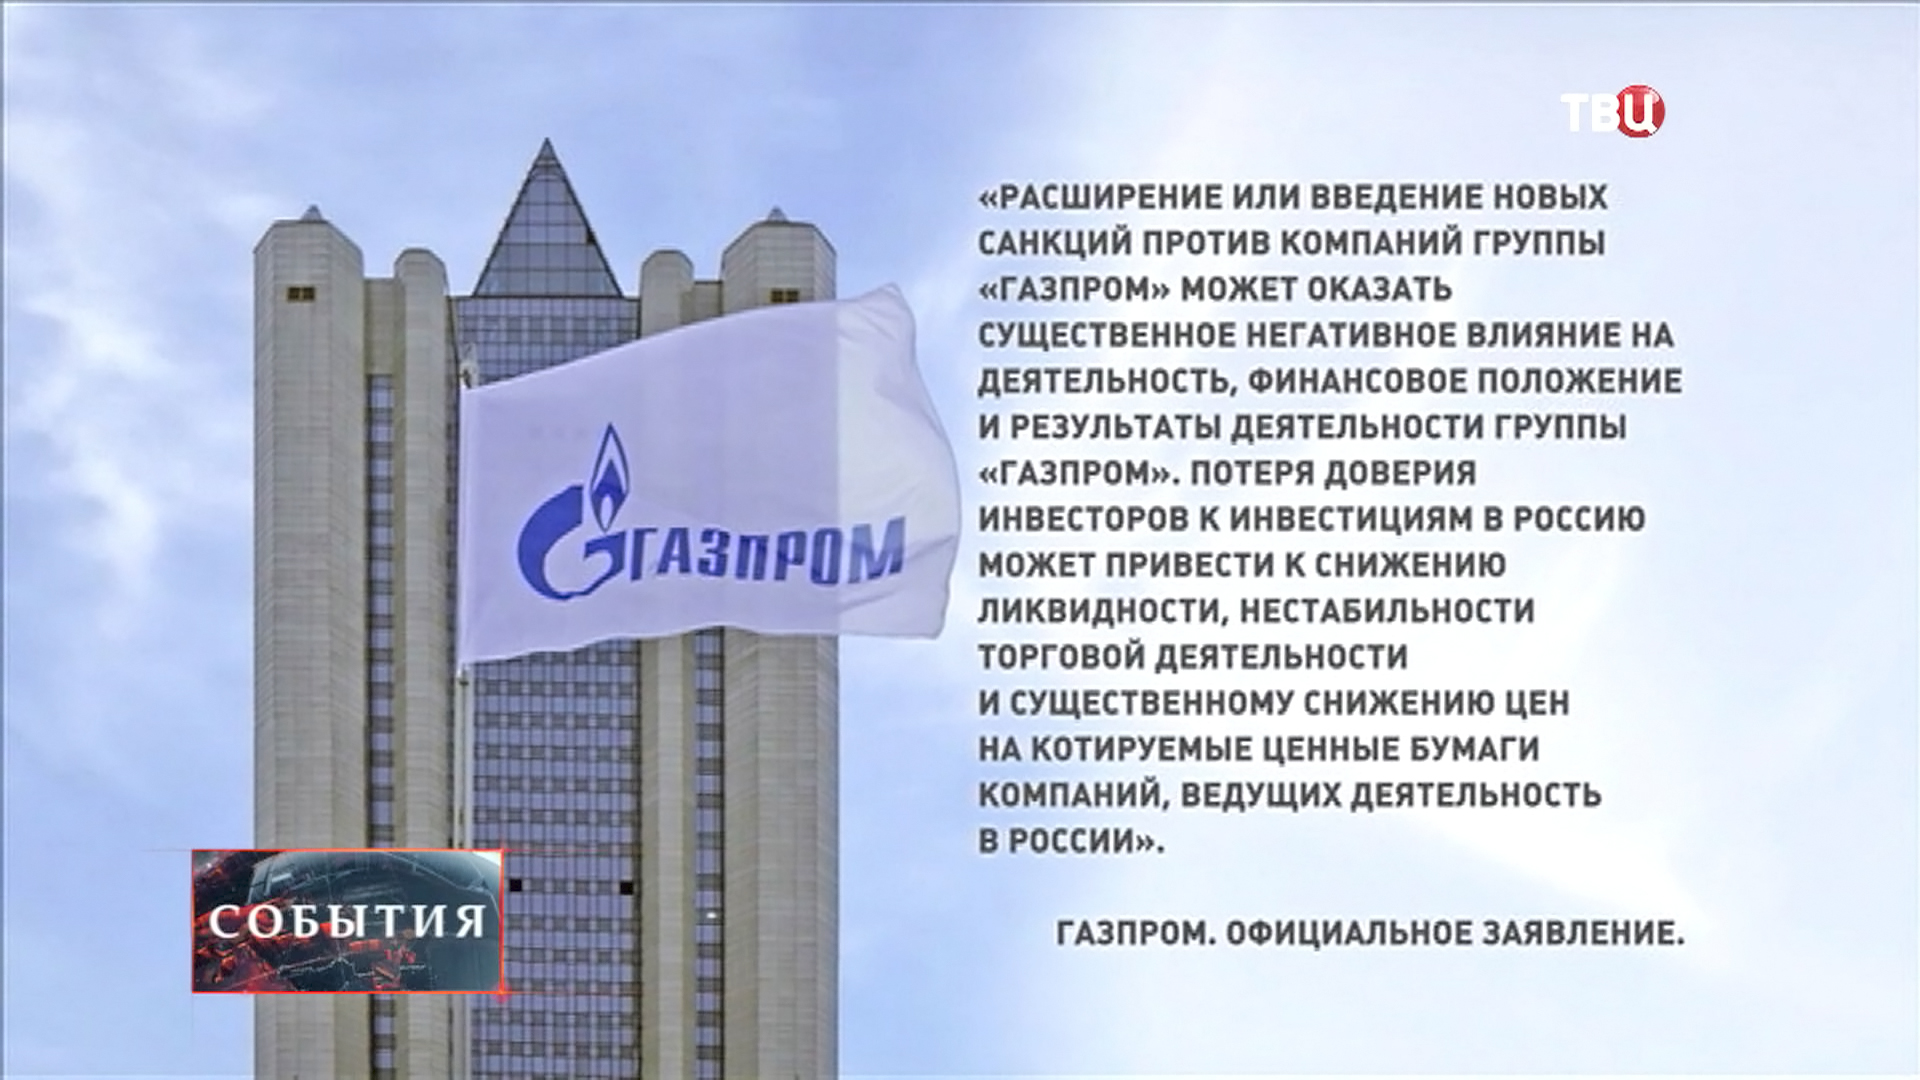 """Официальное заявление """"Газпром"""""""